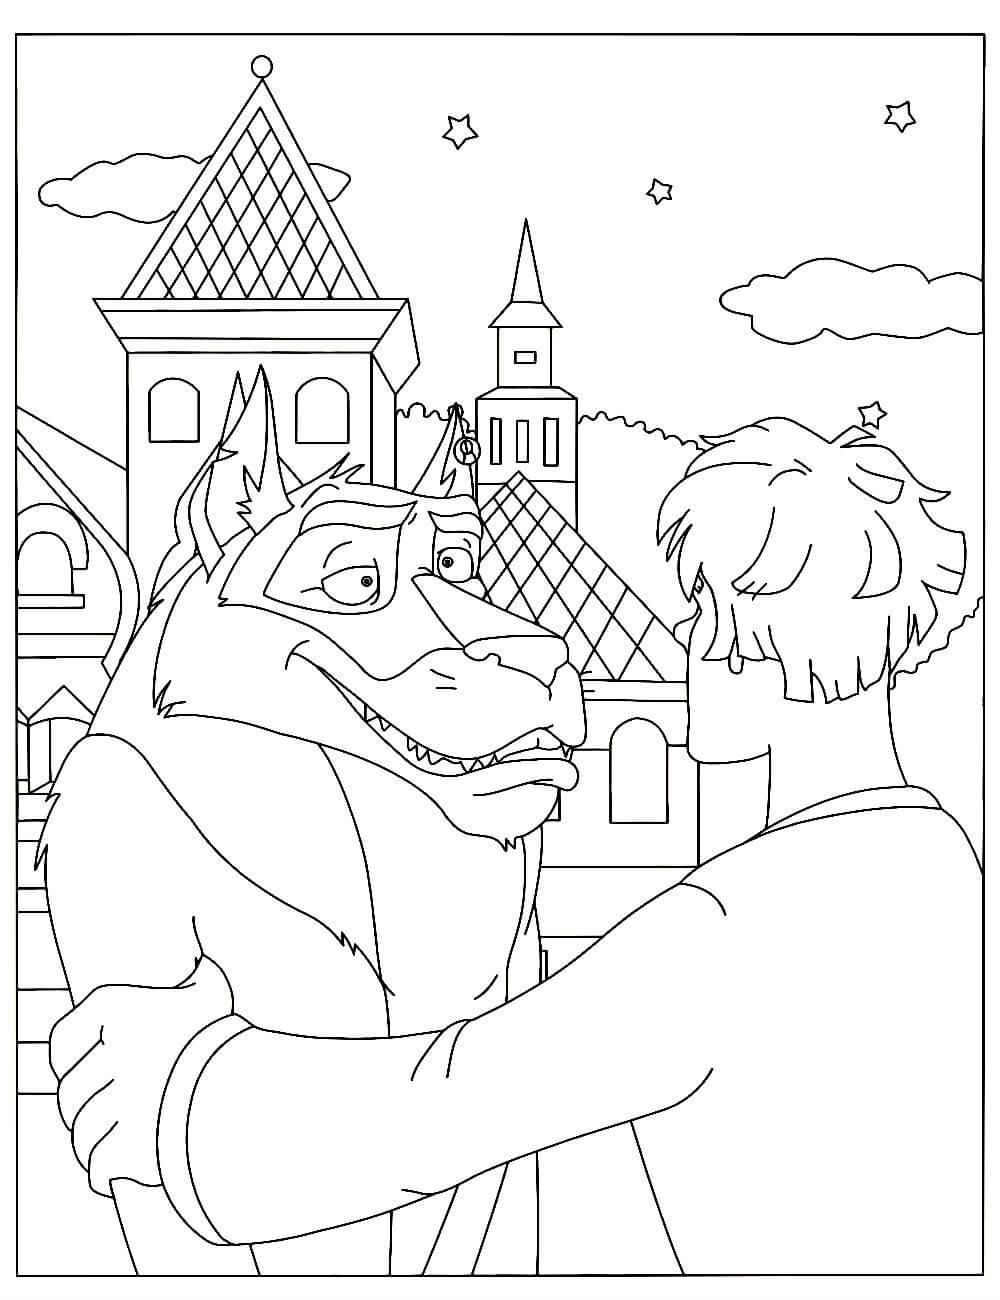 Раскраски Волк распечатать или скачать бесплатно в формате PDF